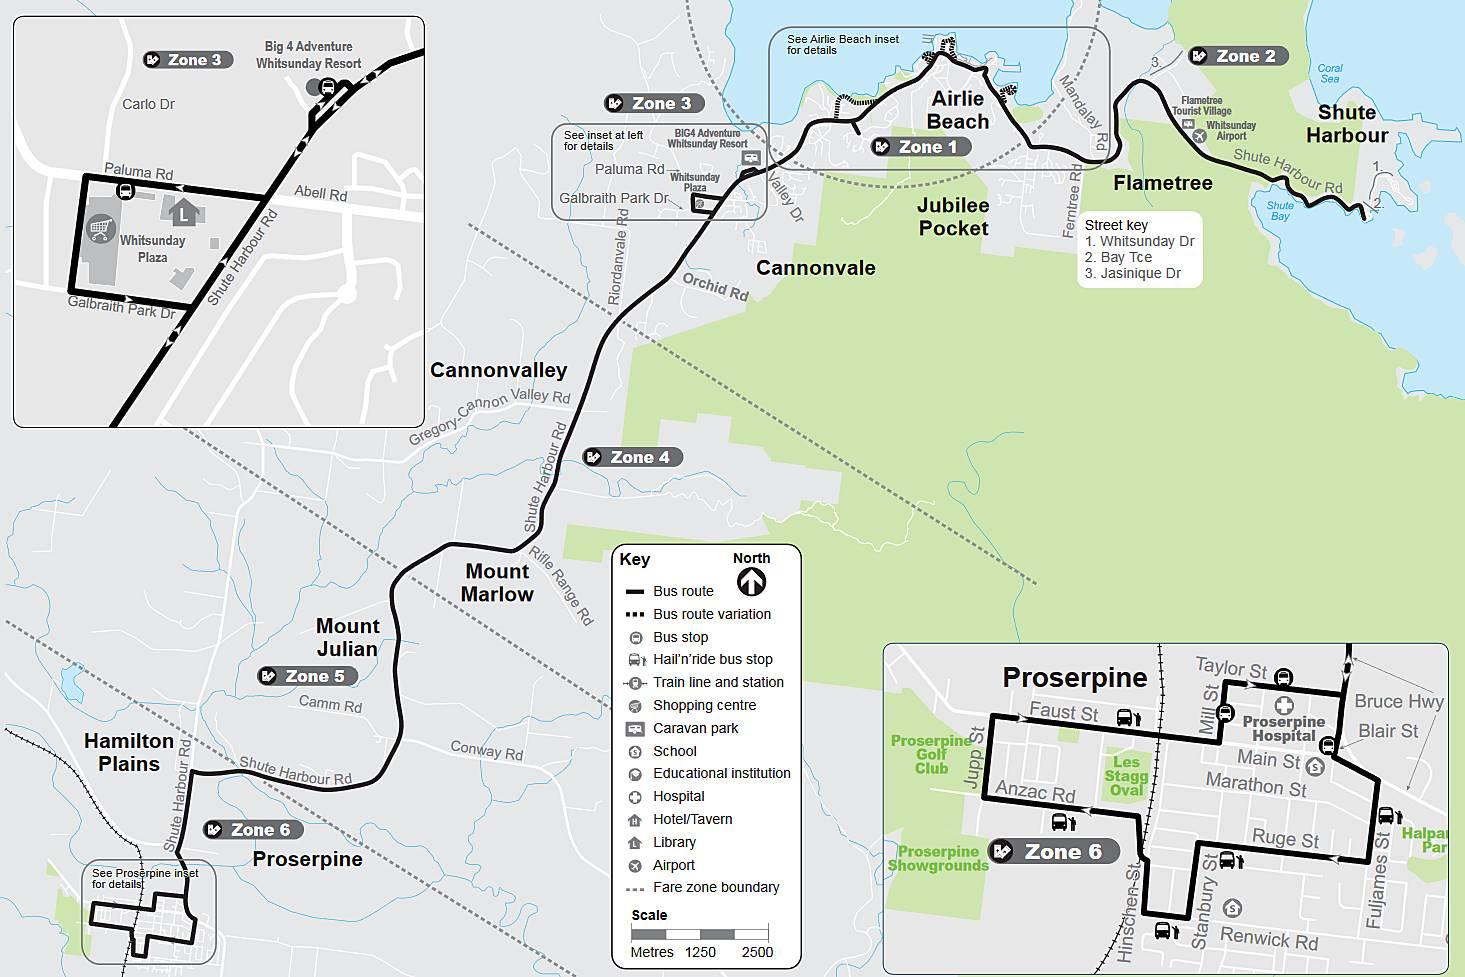 聖靈群島-艾爾利海灘-交通-巴士-公車-地圖-介紹-攻略-費用-路線-教學-接駁-機場-時刻-搭乘-Whitsundays-Airlie-Beach-Bus-Transport